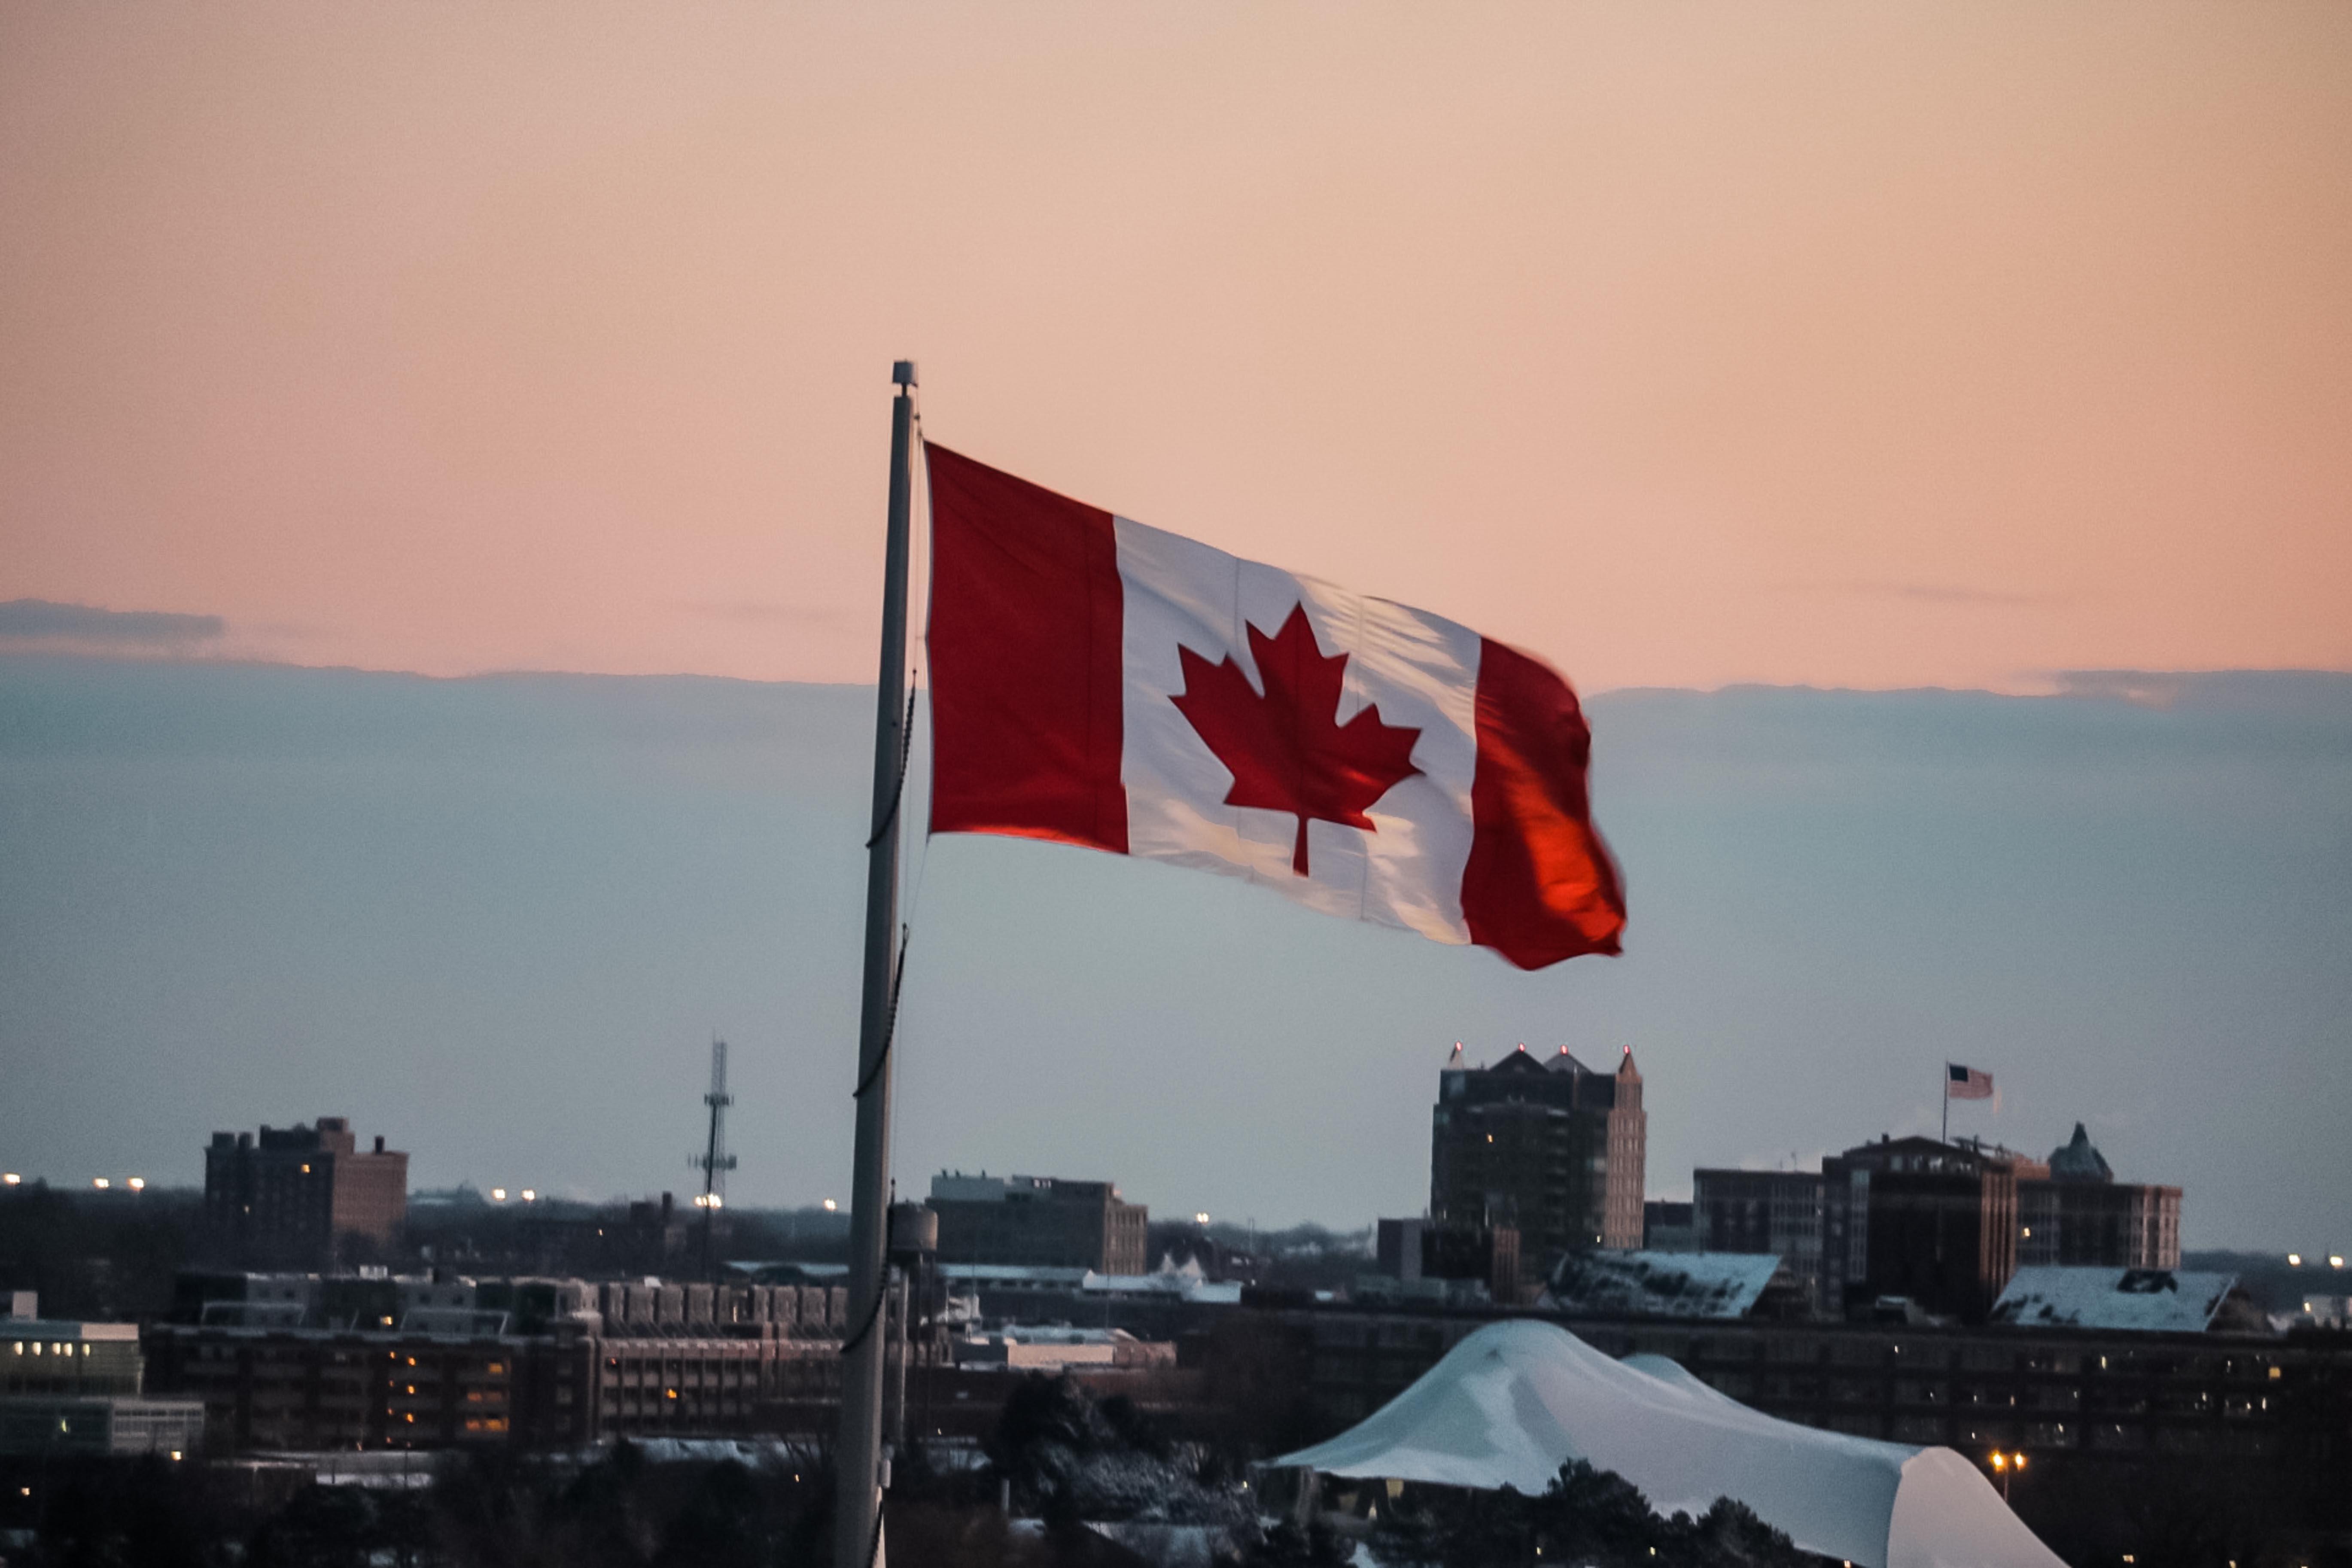 Du học bậc Trung học tại Canada không cần Chứng chỉ IELTS